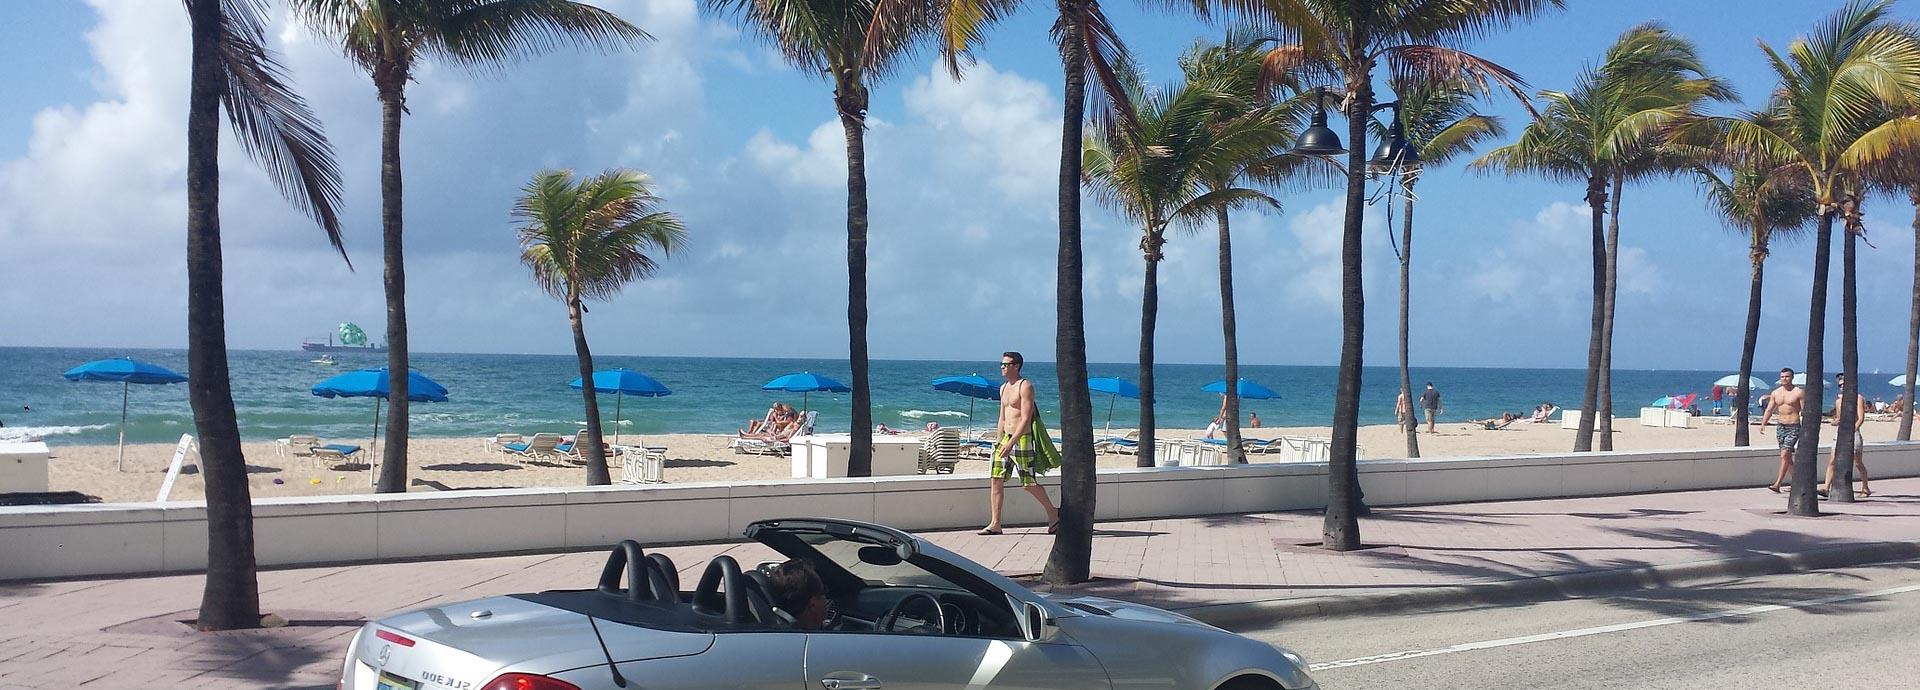 Путешествие в Майами США